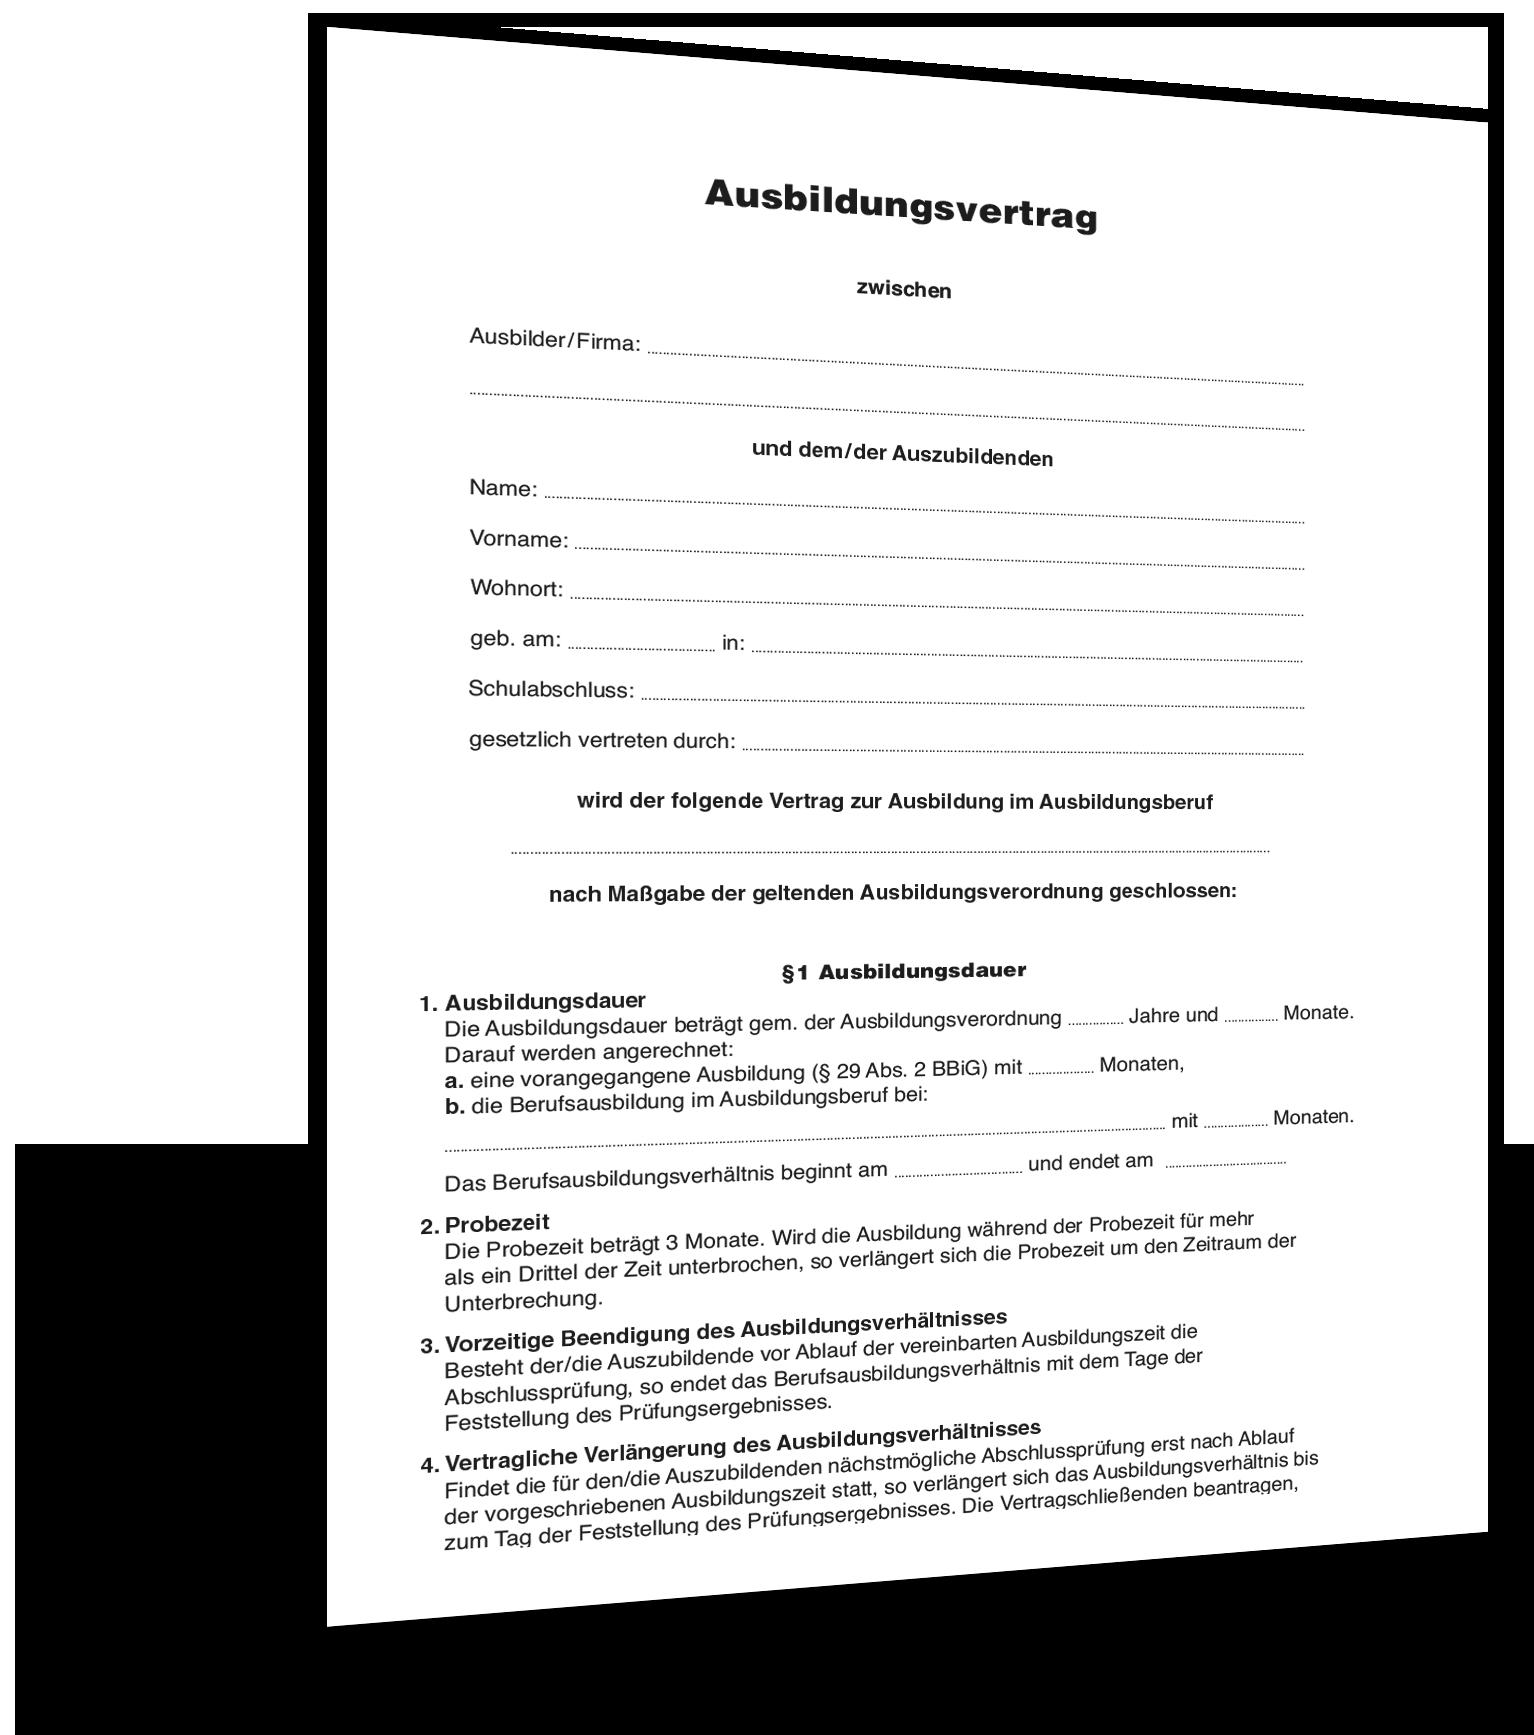 Ausbildungsvertrag Muster (kostenlose Vorlage als Download)